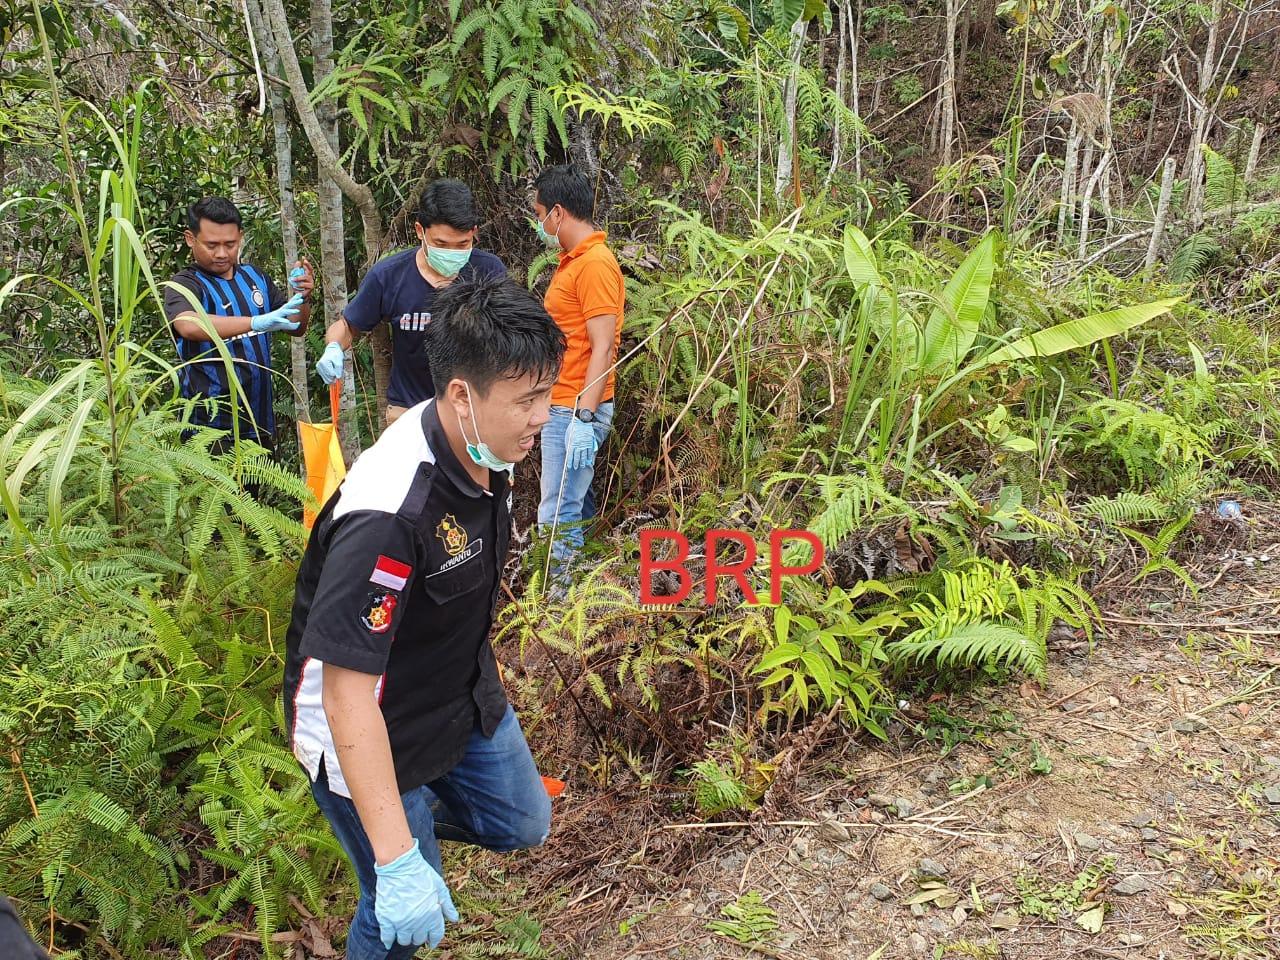 Mayat Tanpa Identitas ditemukan Membusuk di Pingir Jalan Tewah-Sumur Mas